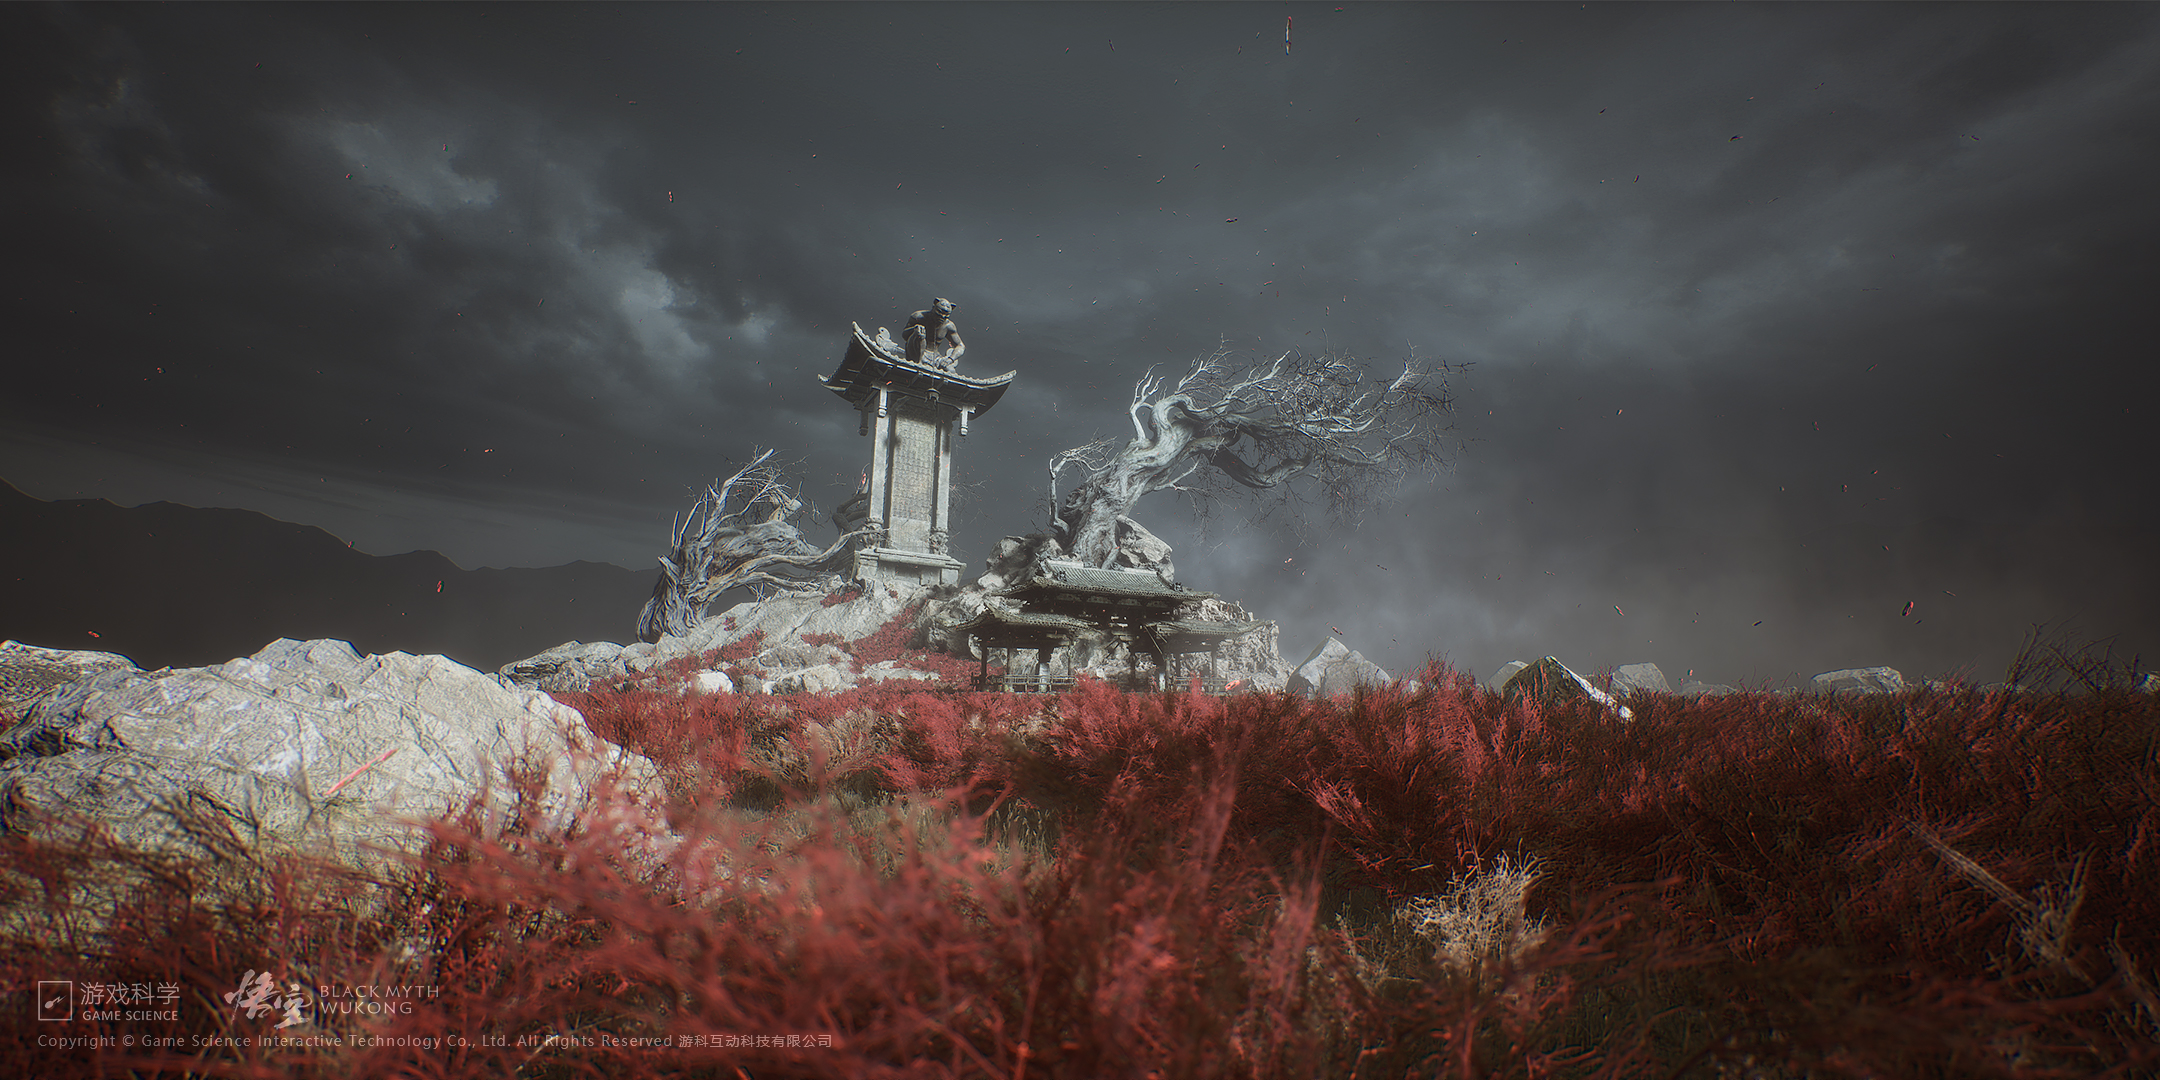 Black Myth: Wu Kong annunciato per Console e PC 16